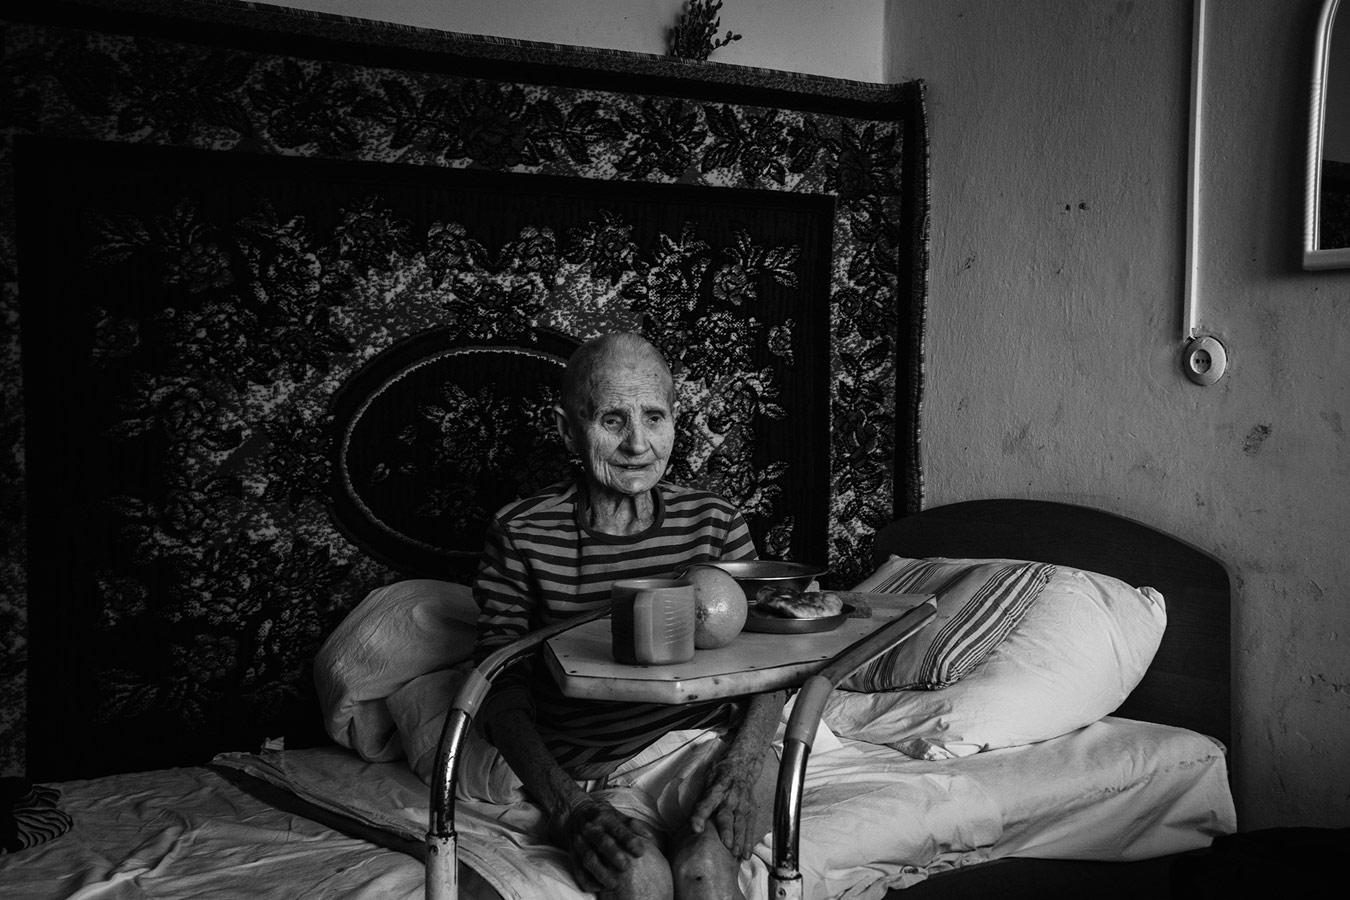 Номинация «Федеральный репортаж» (одиночные фото), Сима, © Станислава Новгородцева, Конкурс репортажной фотографии «Памяти Александра Ефремова»